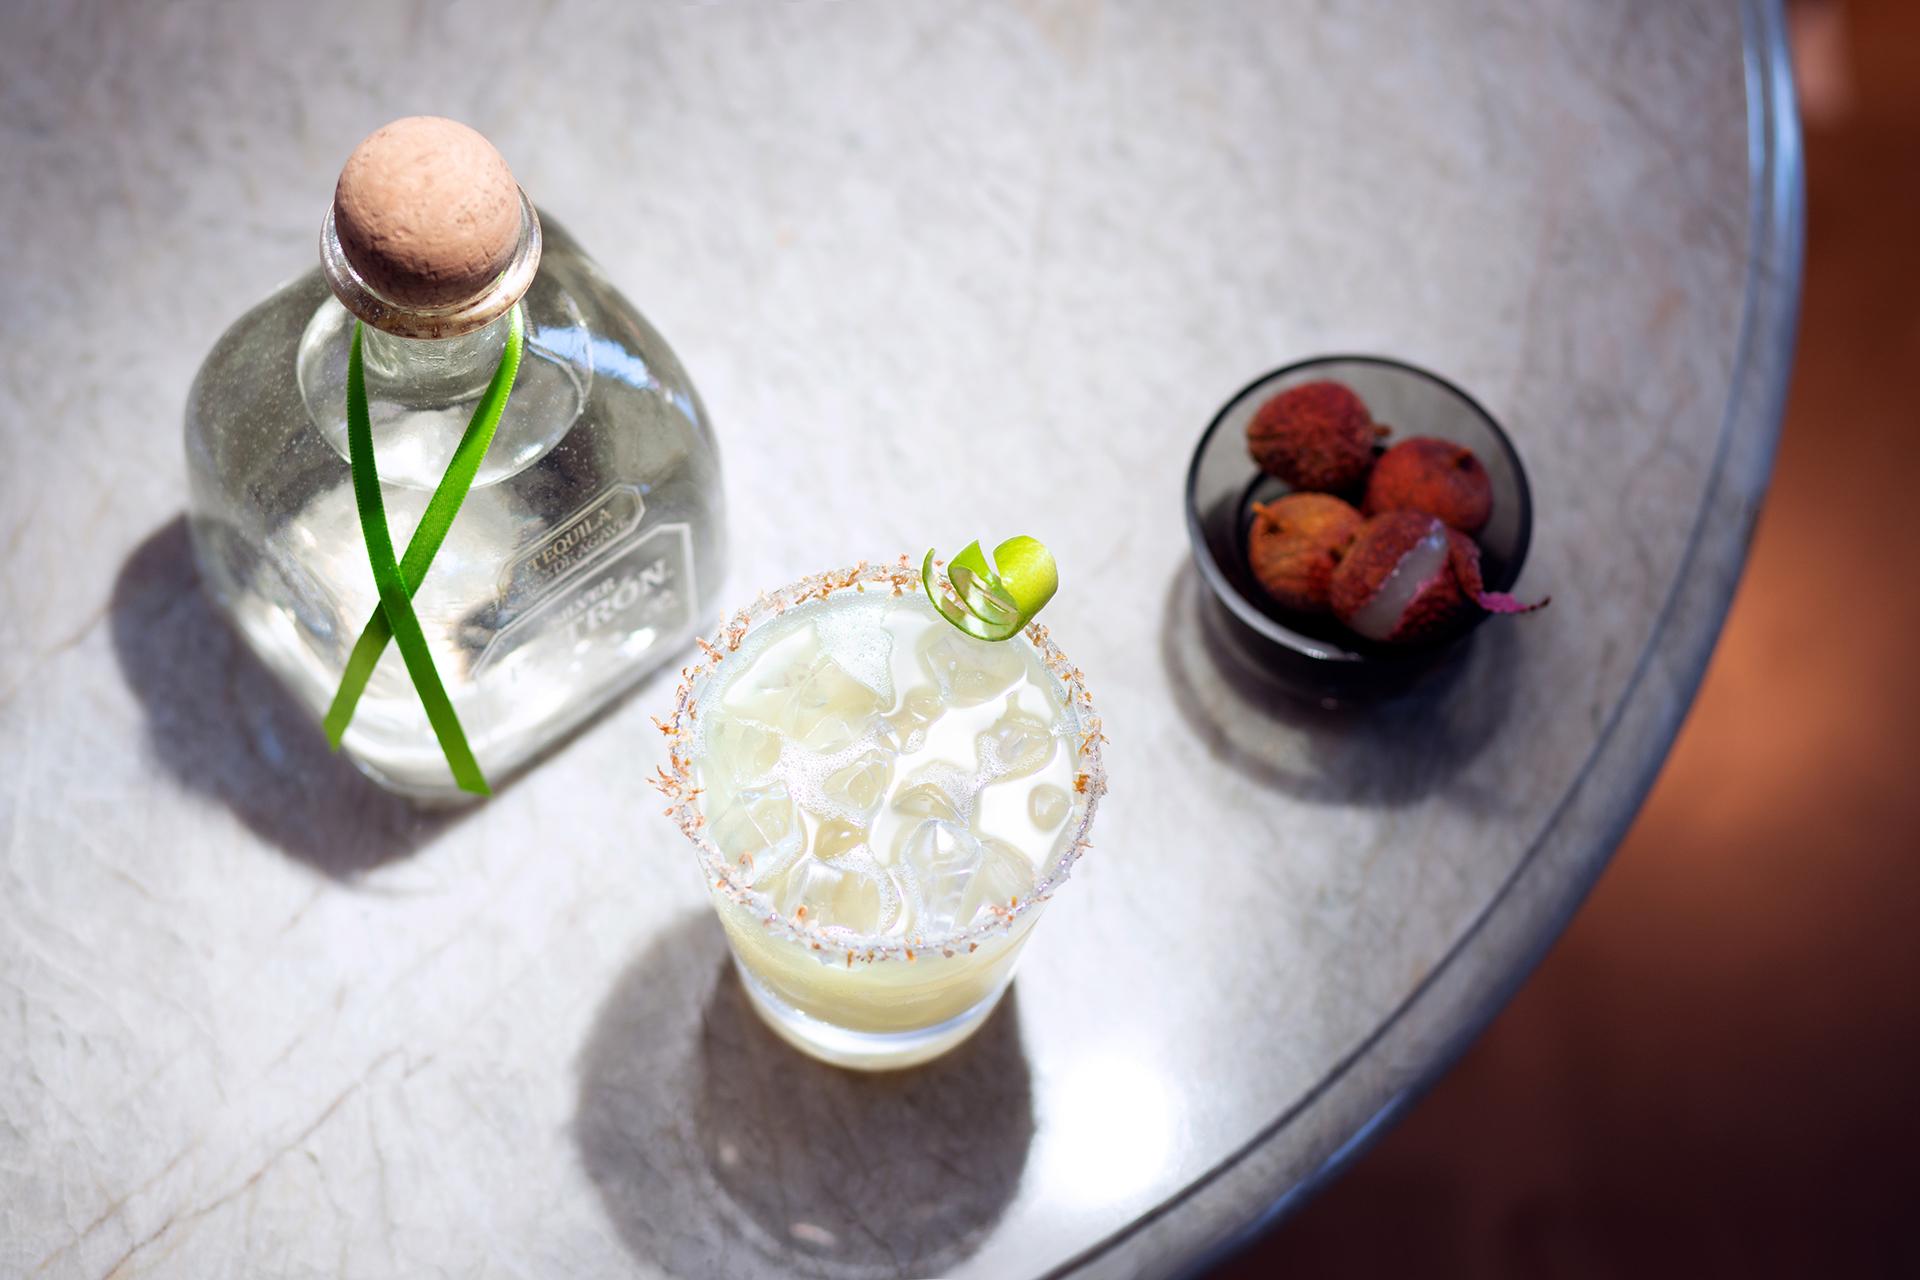 Dynasty Margarita - one margarita to rule them all